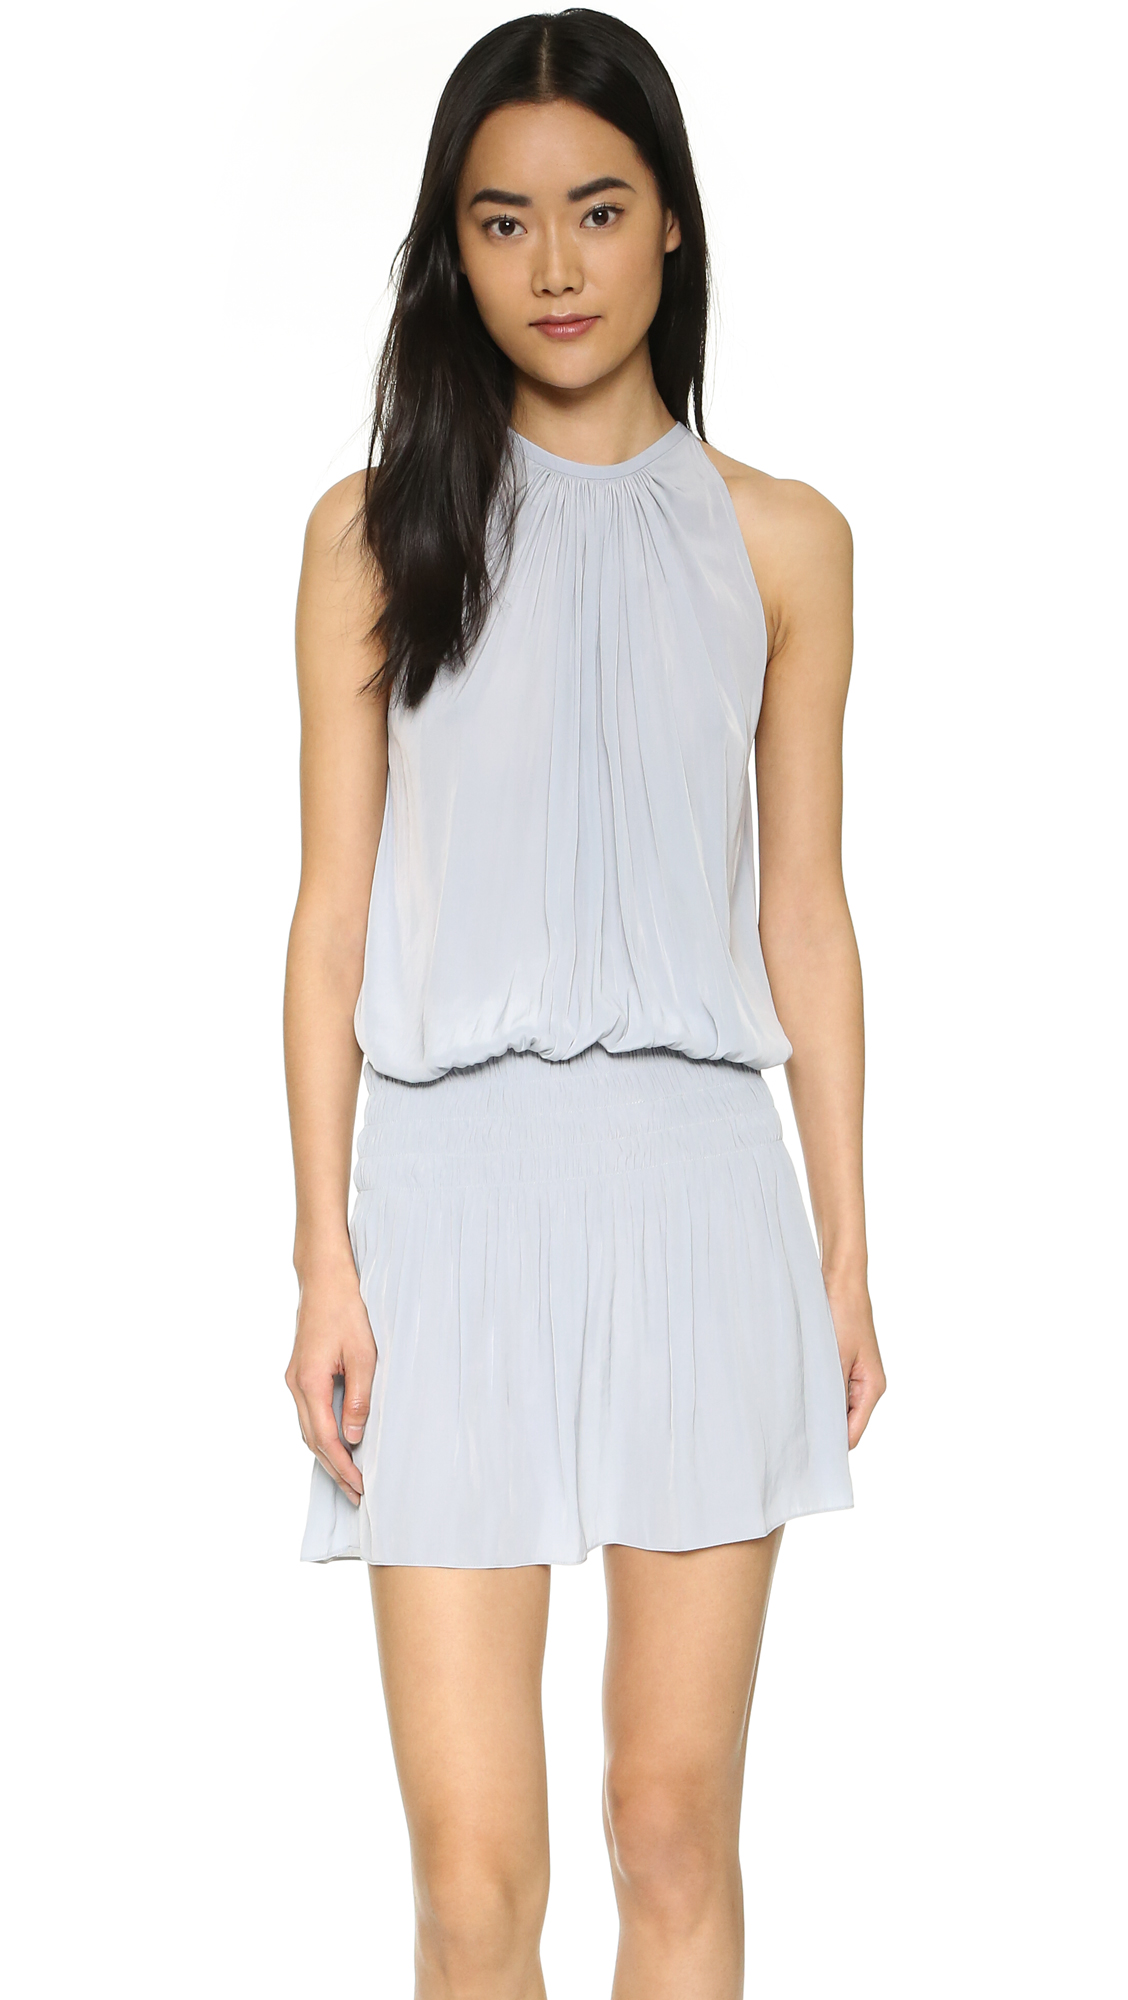 Ramy Brook Paris Sleeveless Dress - Silver